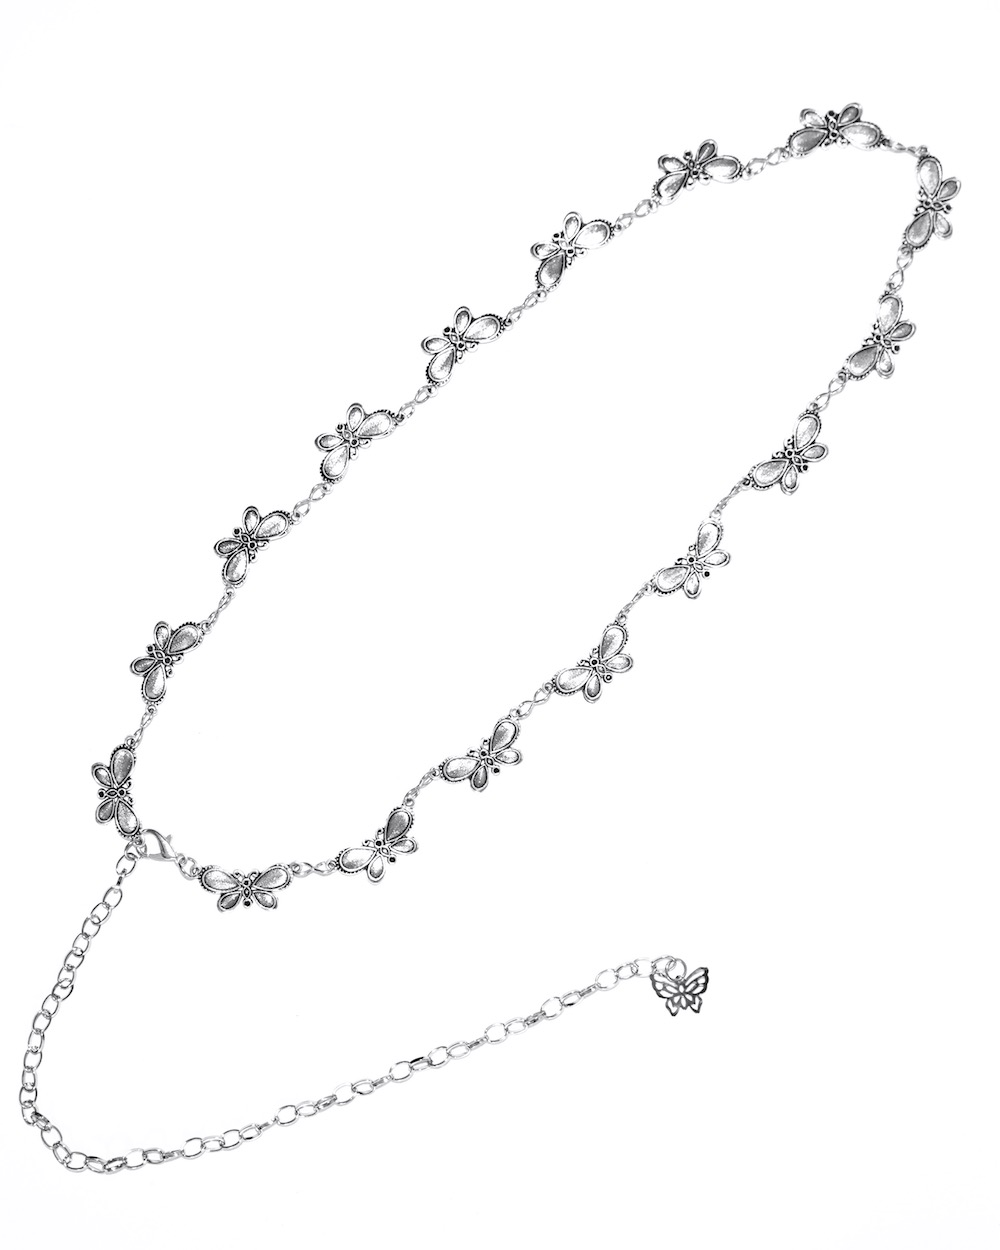 Butterflies Silver Chain Belt